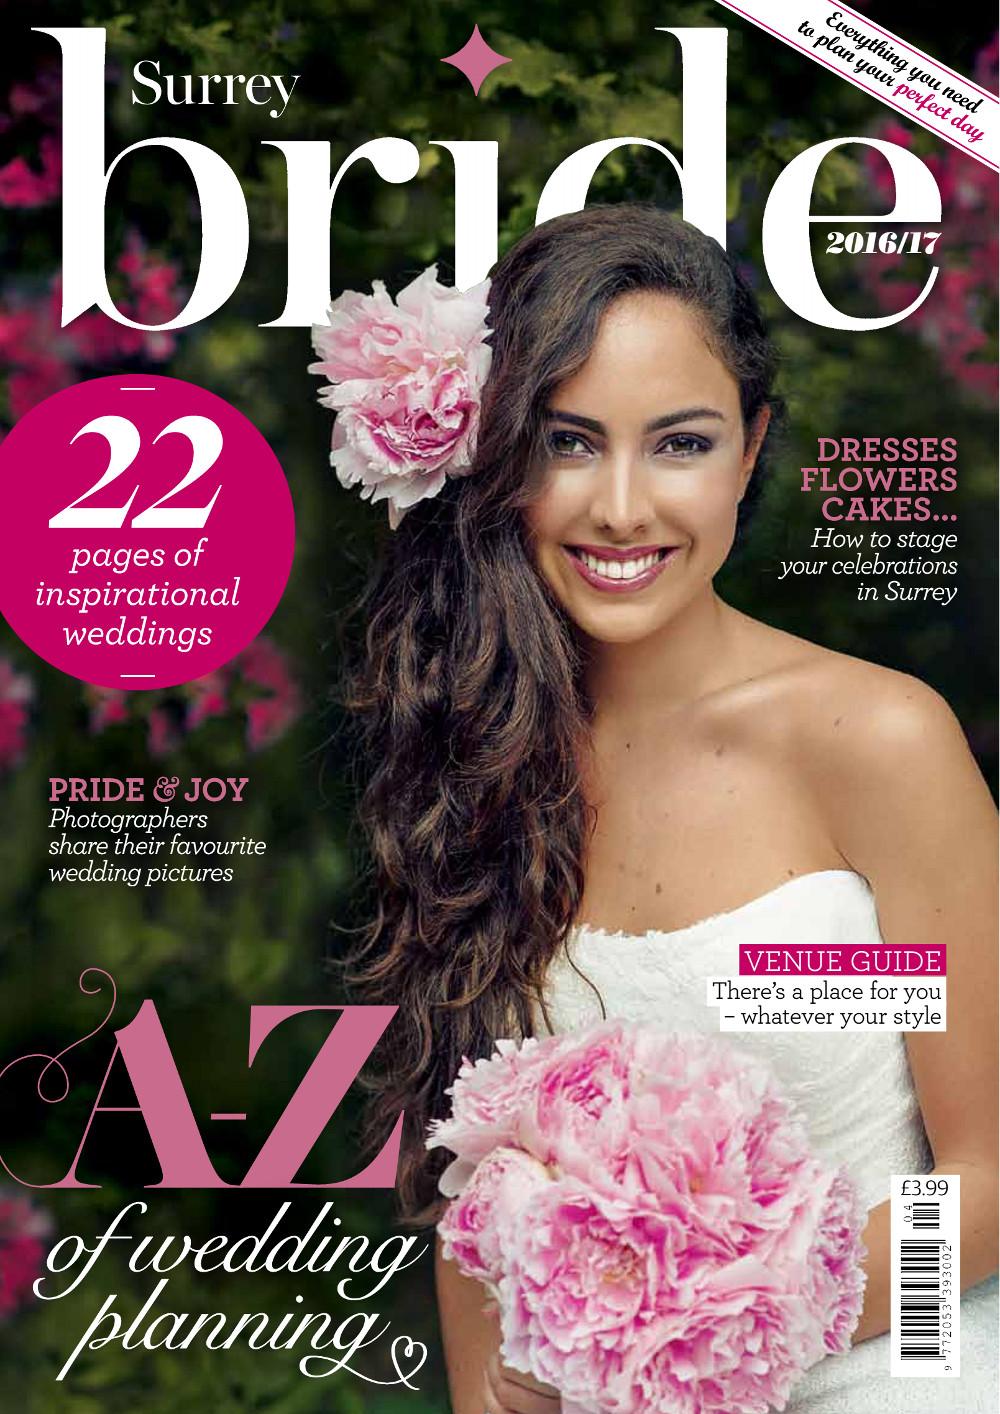 surrey bride front cover 16_17.jpg